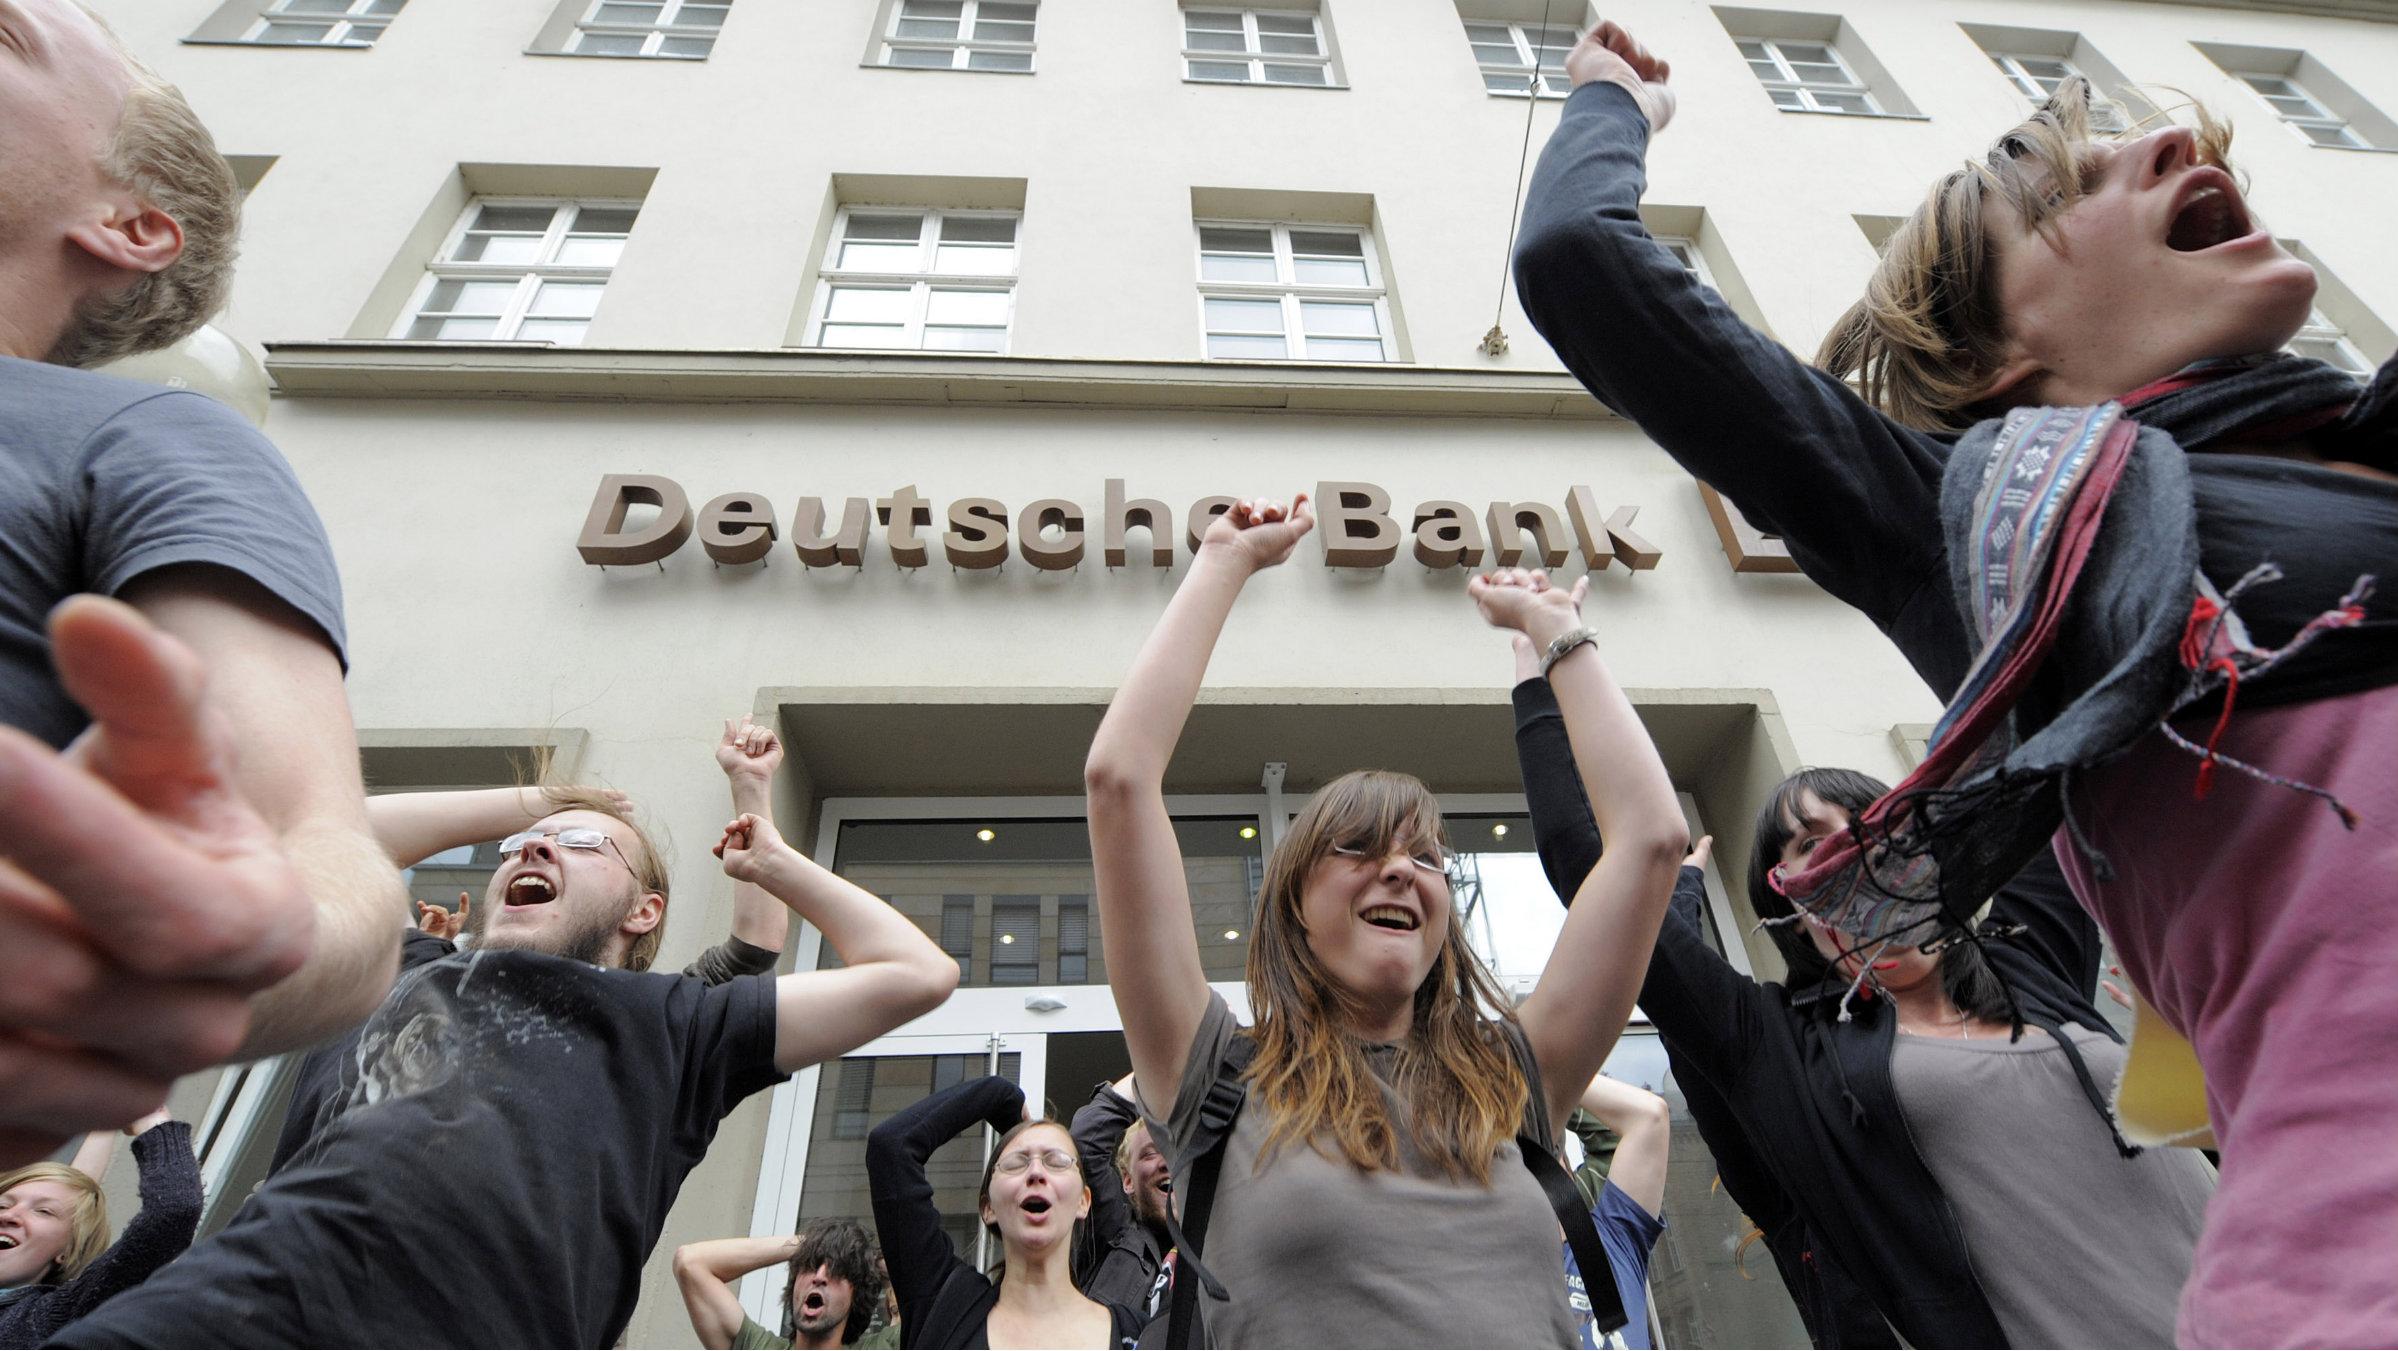 Deustche Bank bank customers